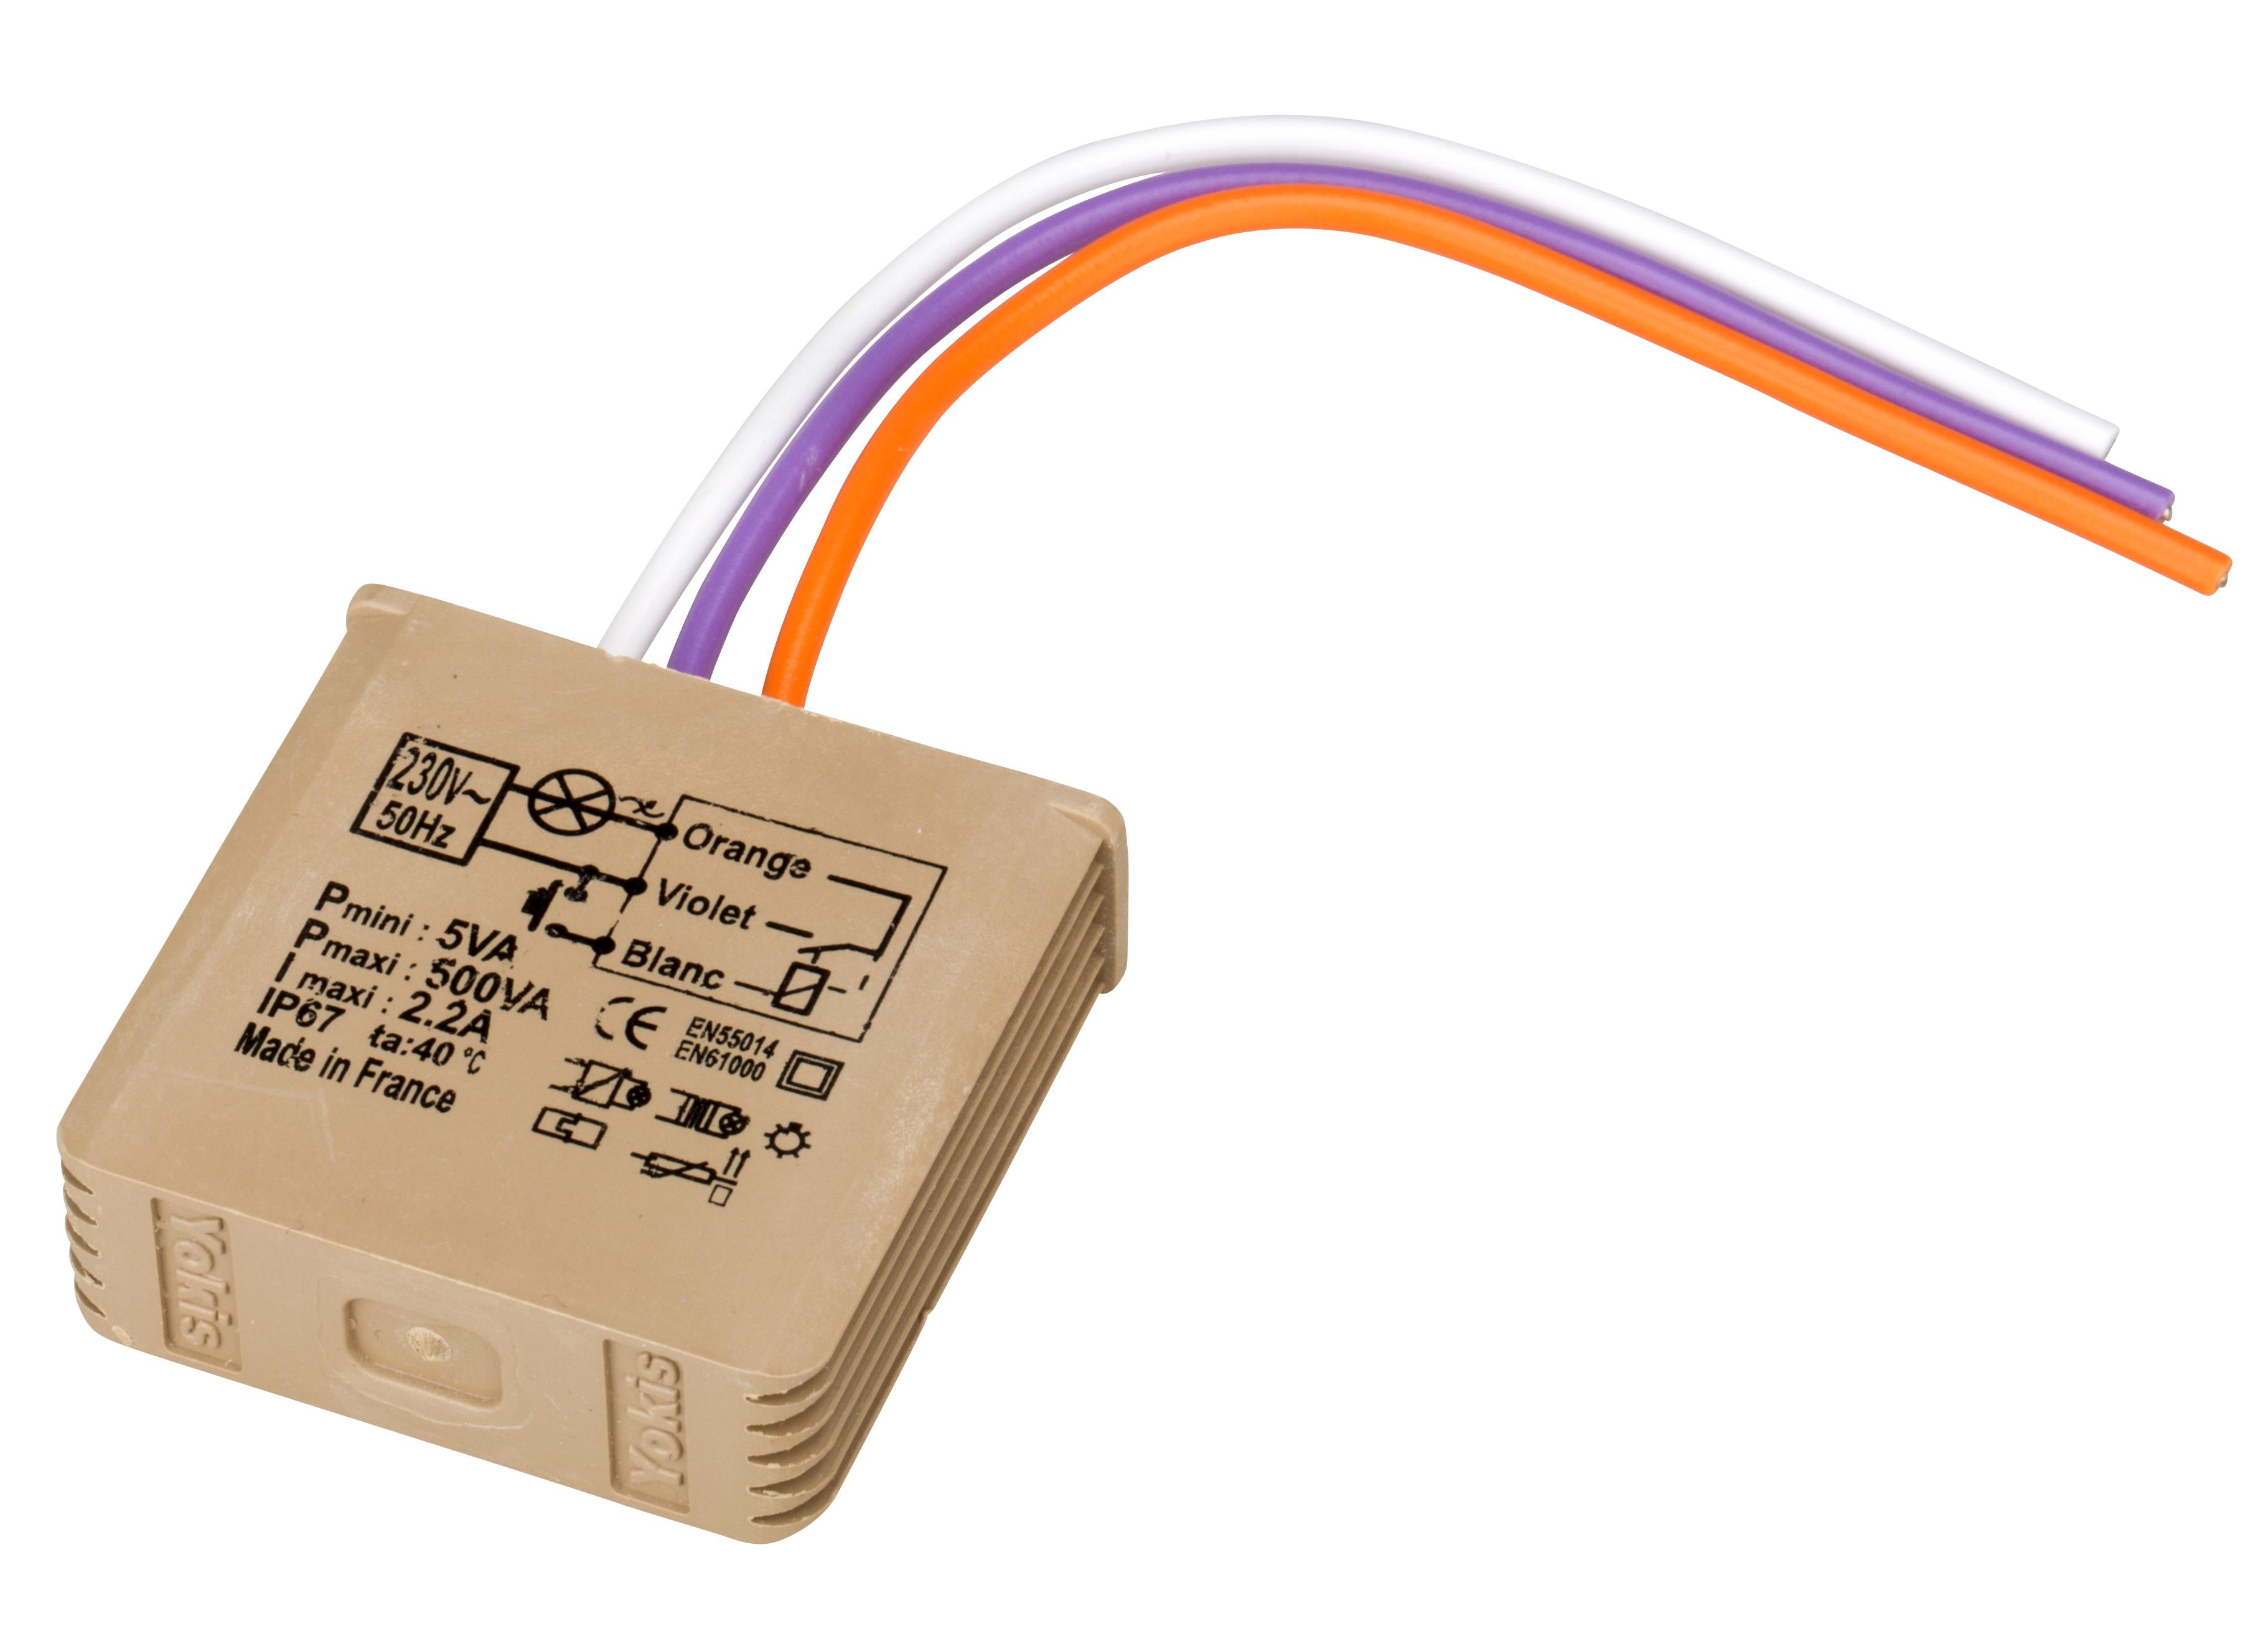 1 Stk Unterputz Dimmer für Tastersteuerung RLC 5-500VA EVMTV500E-